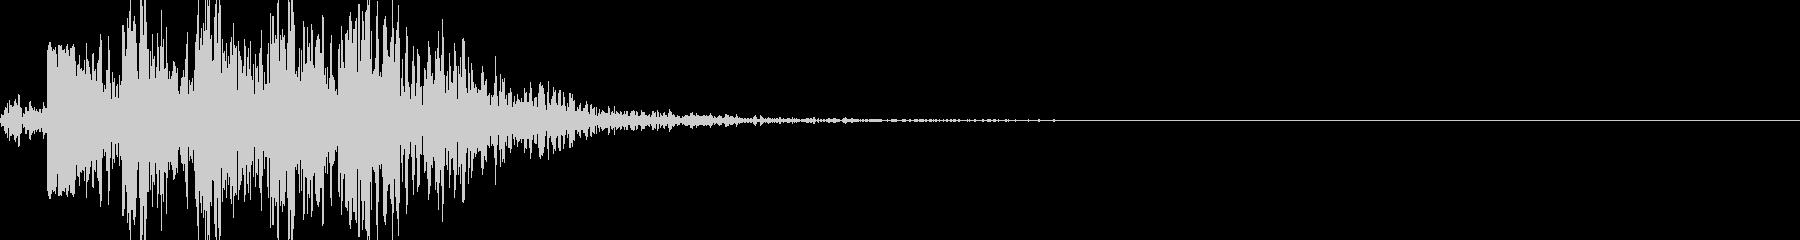 ドドドドドン(ミサイル発射)の未再生の波形